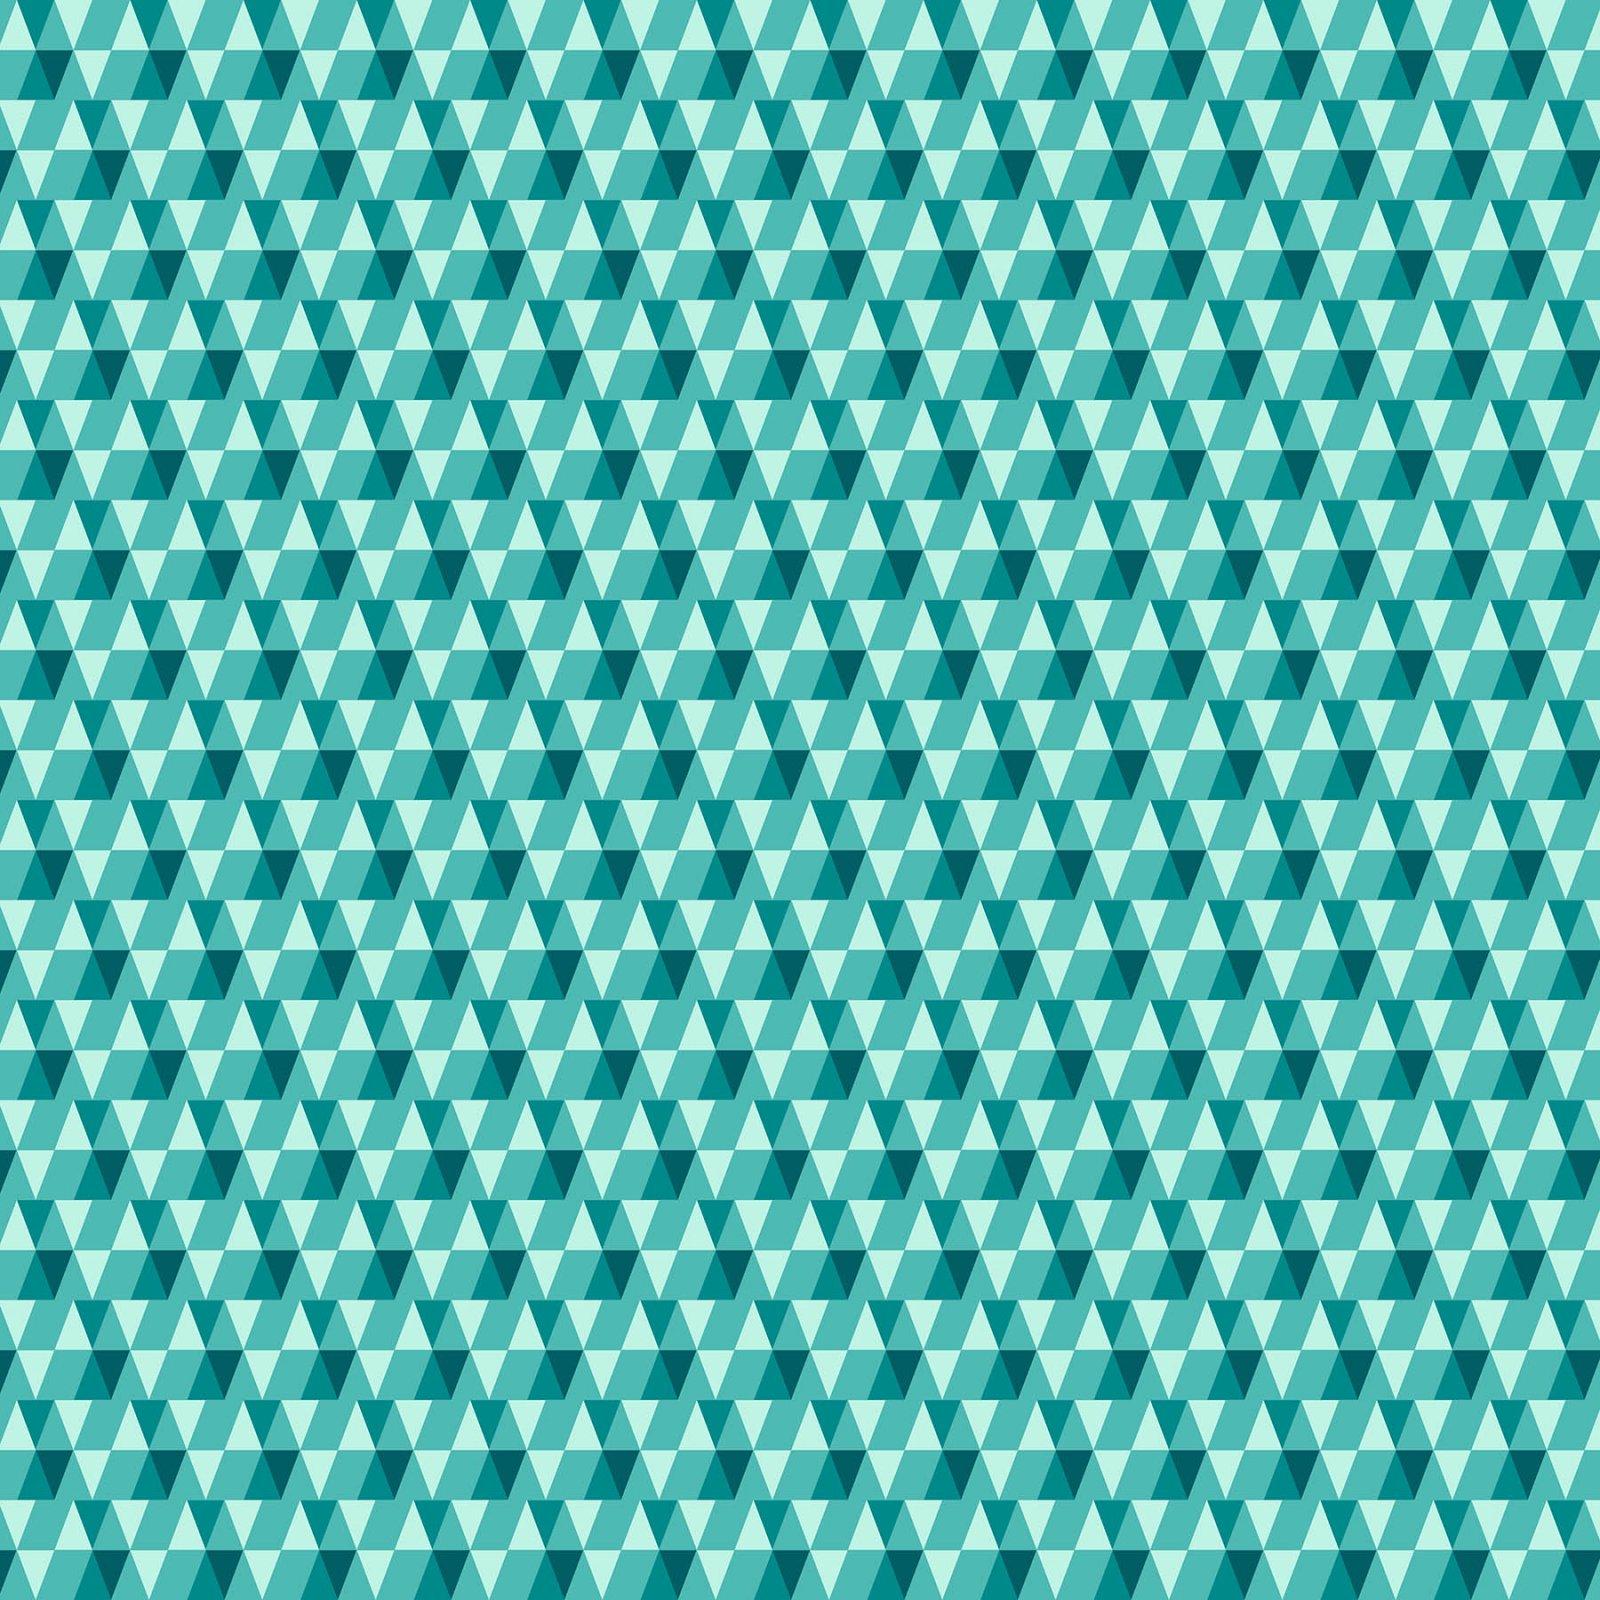 FIGO, Peppermint - Triangles Green